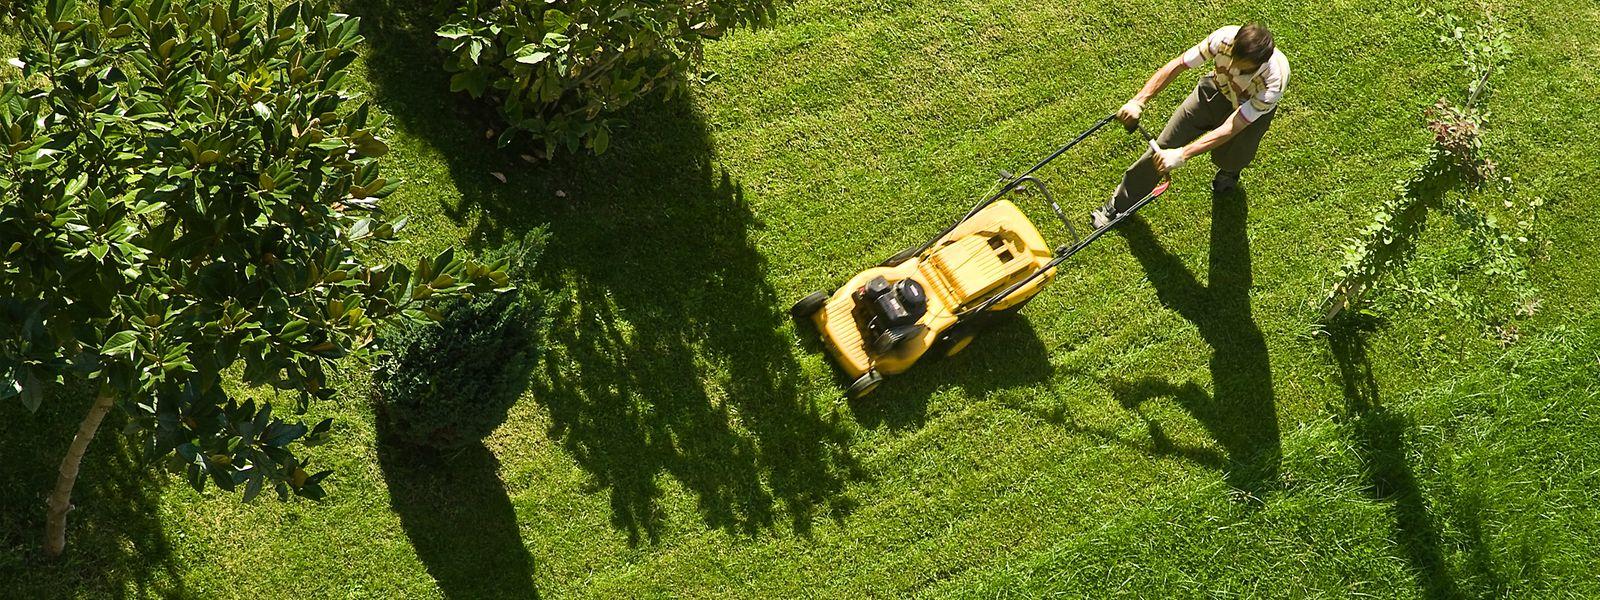 Das Rasenmähen zählt zu den Arbeiten im Atelier. Dabei können die Betroffenen auf Anhieb ein Resultat sehen.